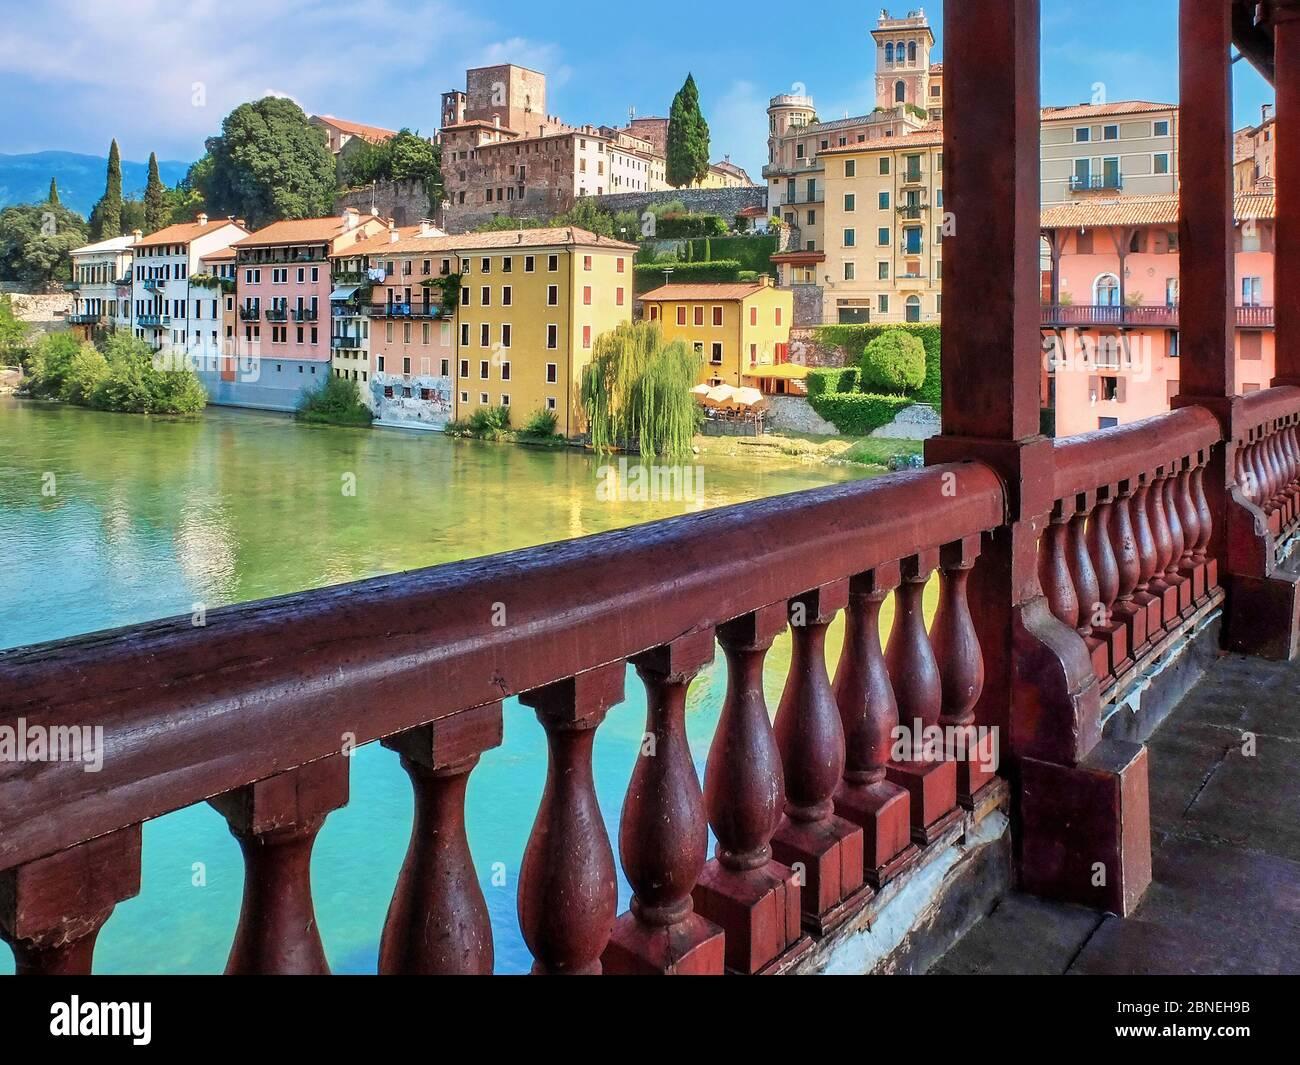 Bassano del Grappa, Italia. Vista sobre el río Brenta desde Ponte Vecchio. En la orilla opuesta se puede ver el castillo medieval que domina la ciudad. Foto de stock